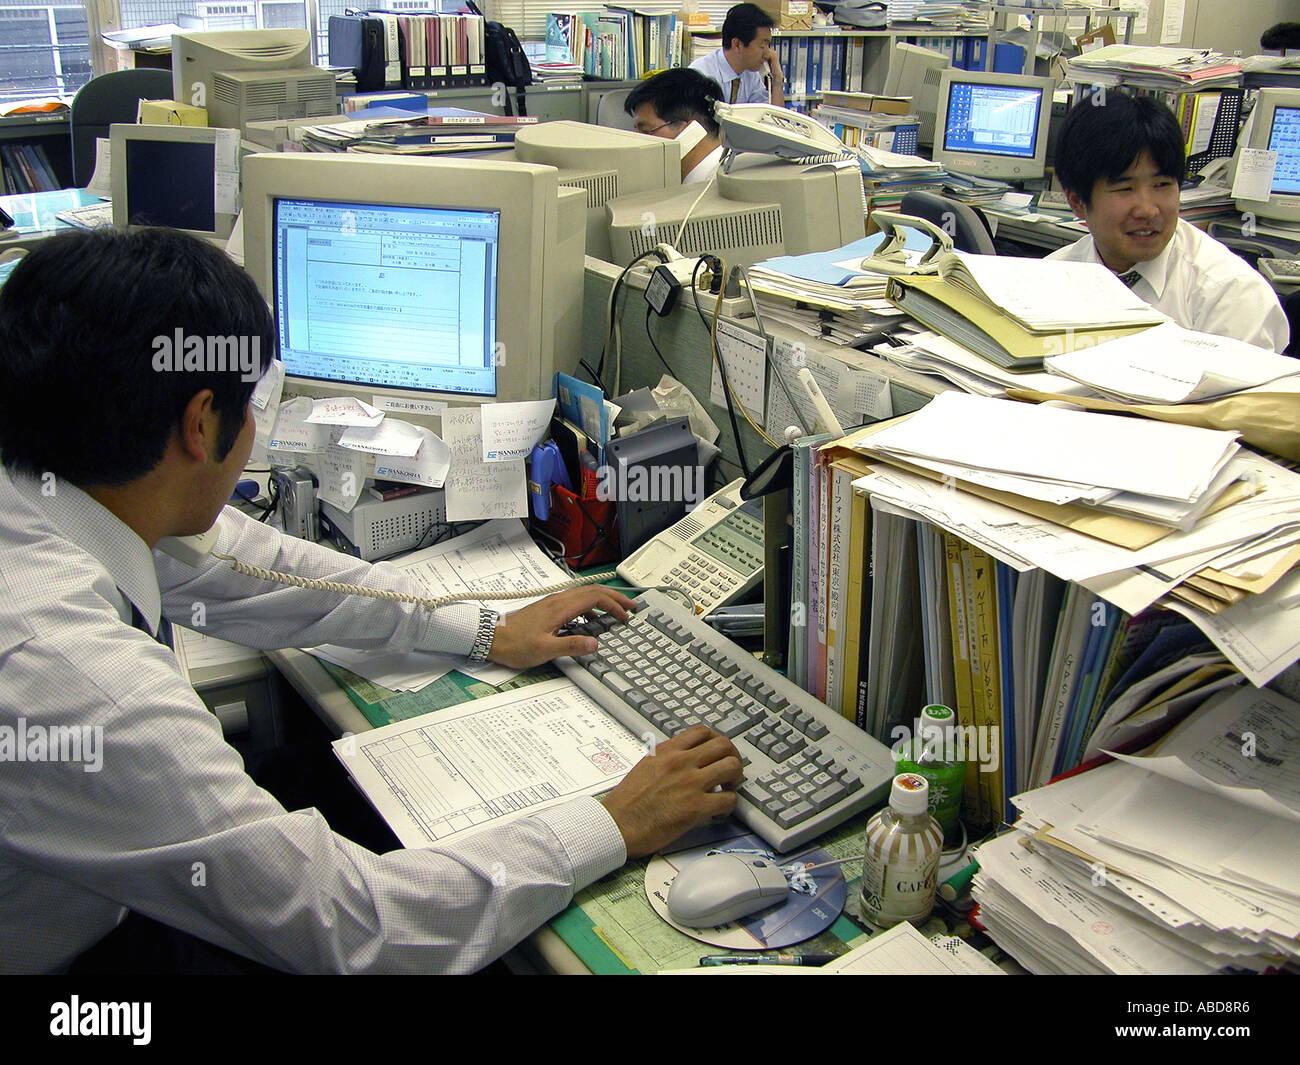 Bureau open space japonais banque d images photo stock